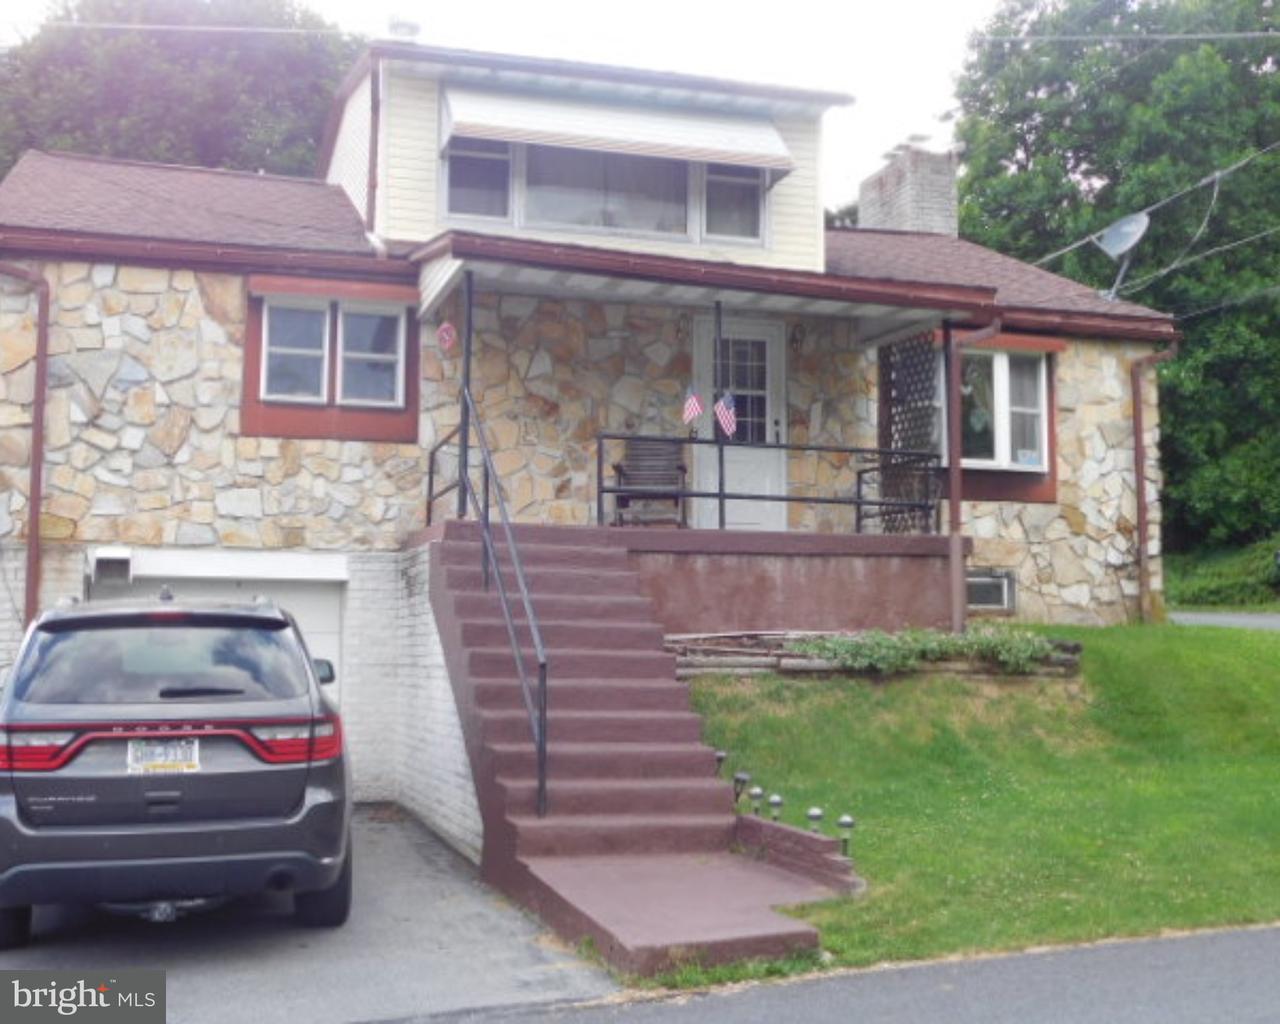 Частный односемейный дом для того Продажа на 2 SPRING Avenue Temple, Пенсильвания 19560 Соединенные Штаты